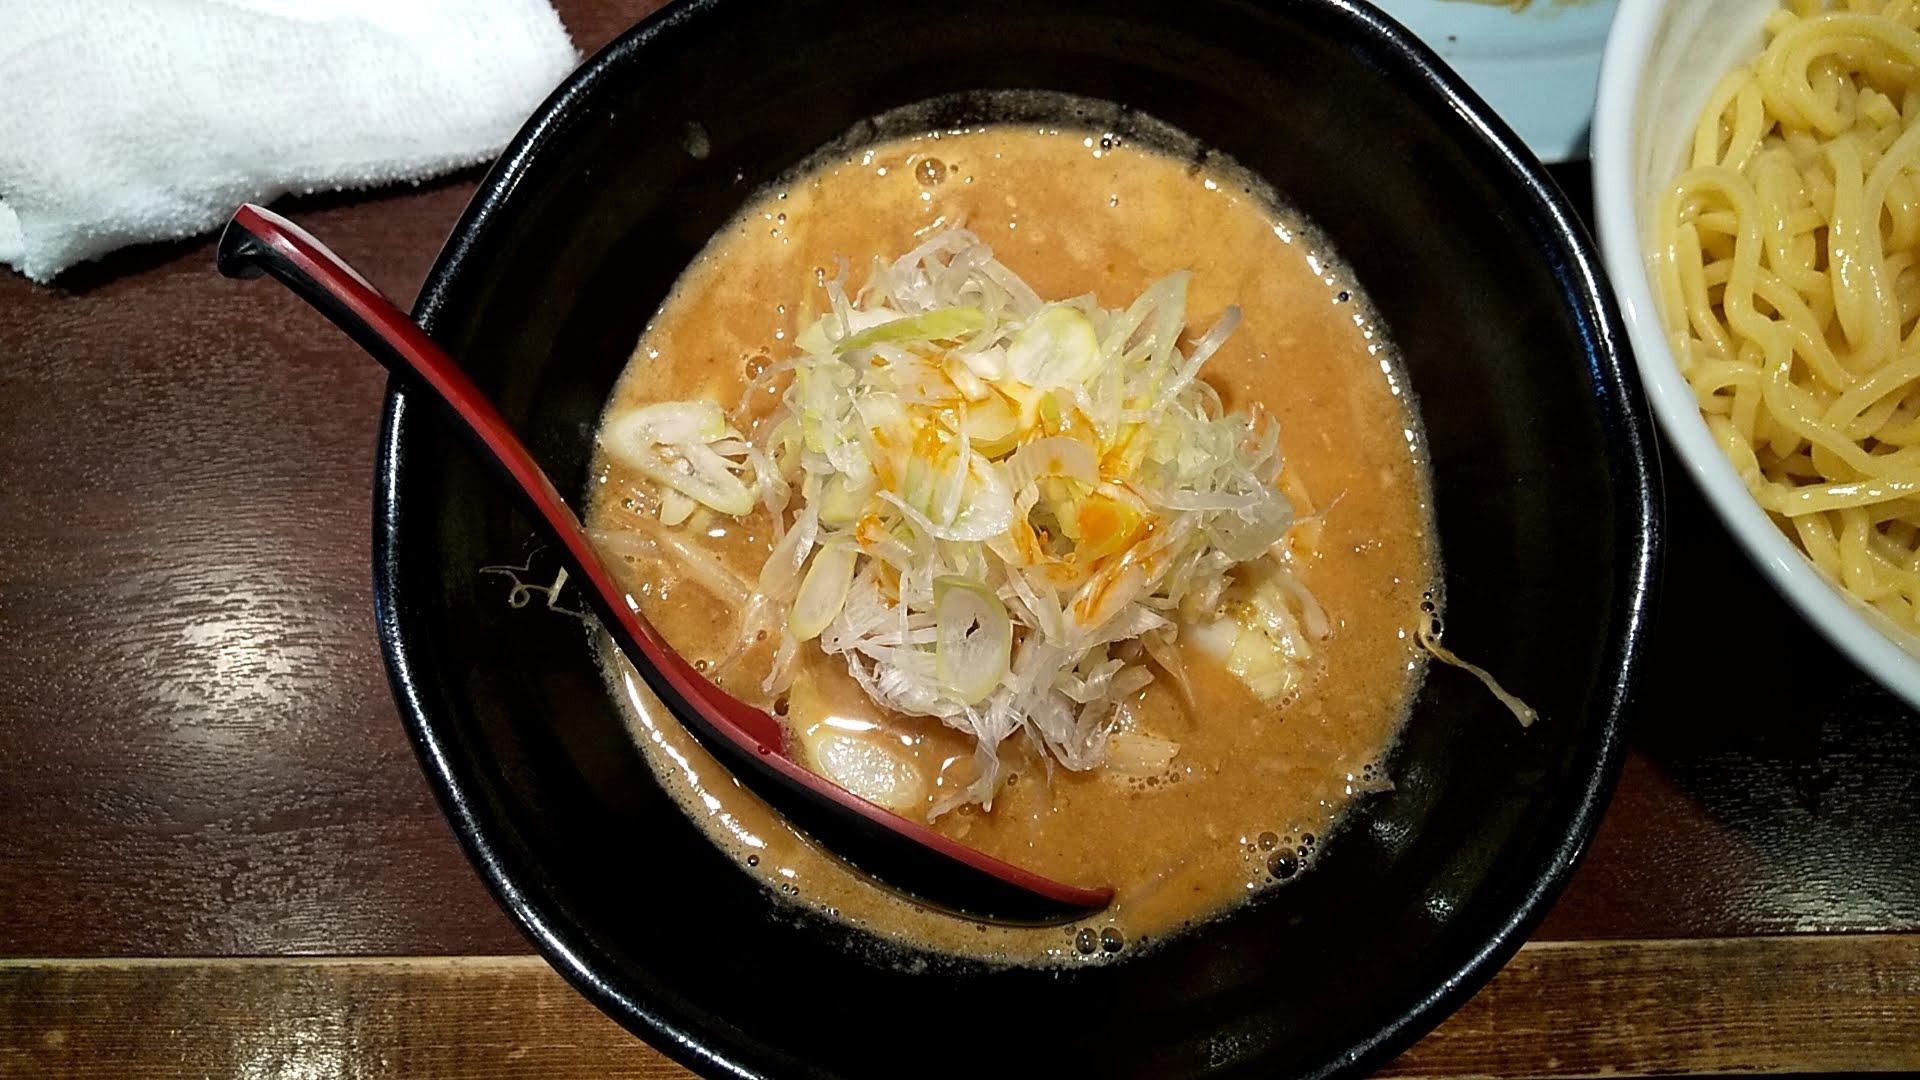 萬馬軒の味噌つけ麺のつけ汁